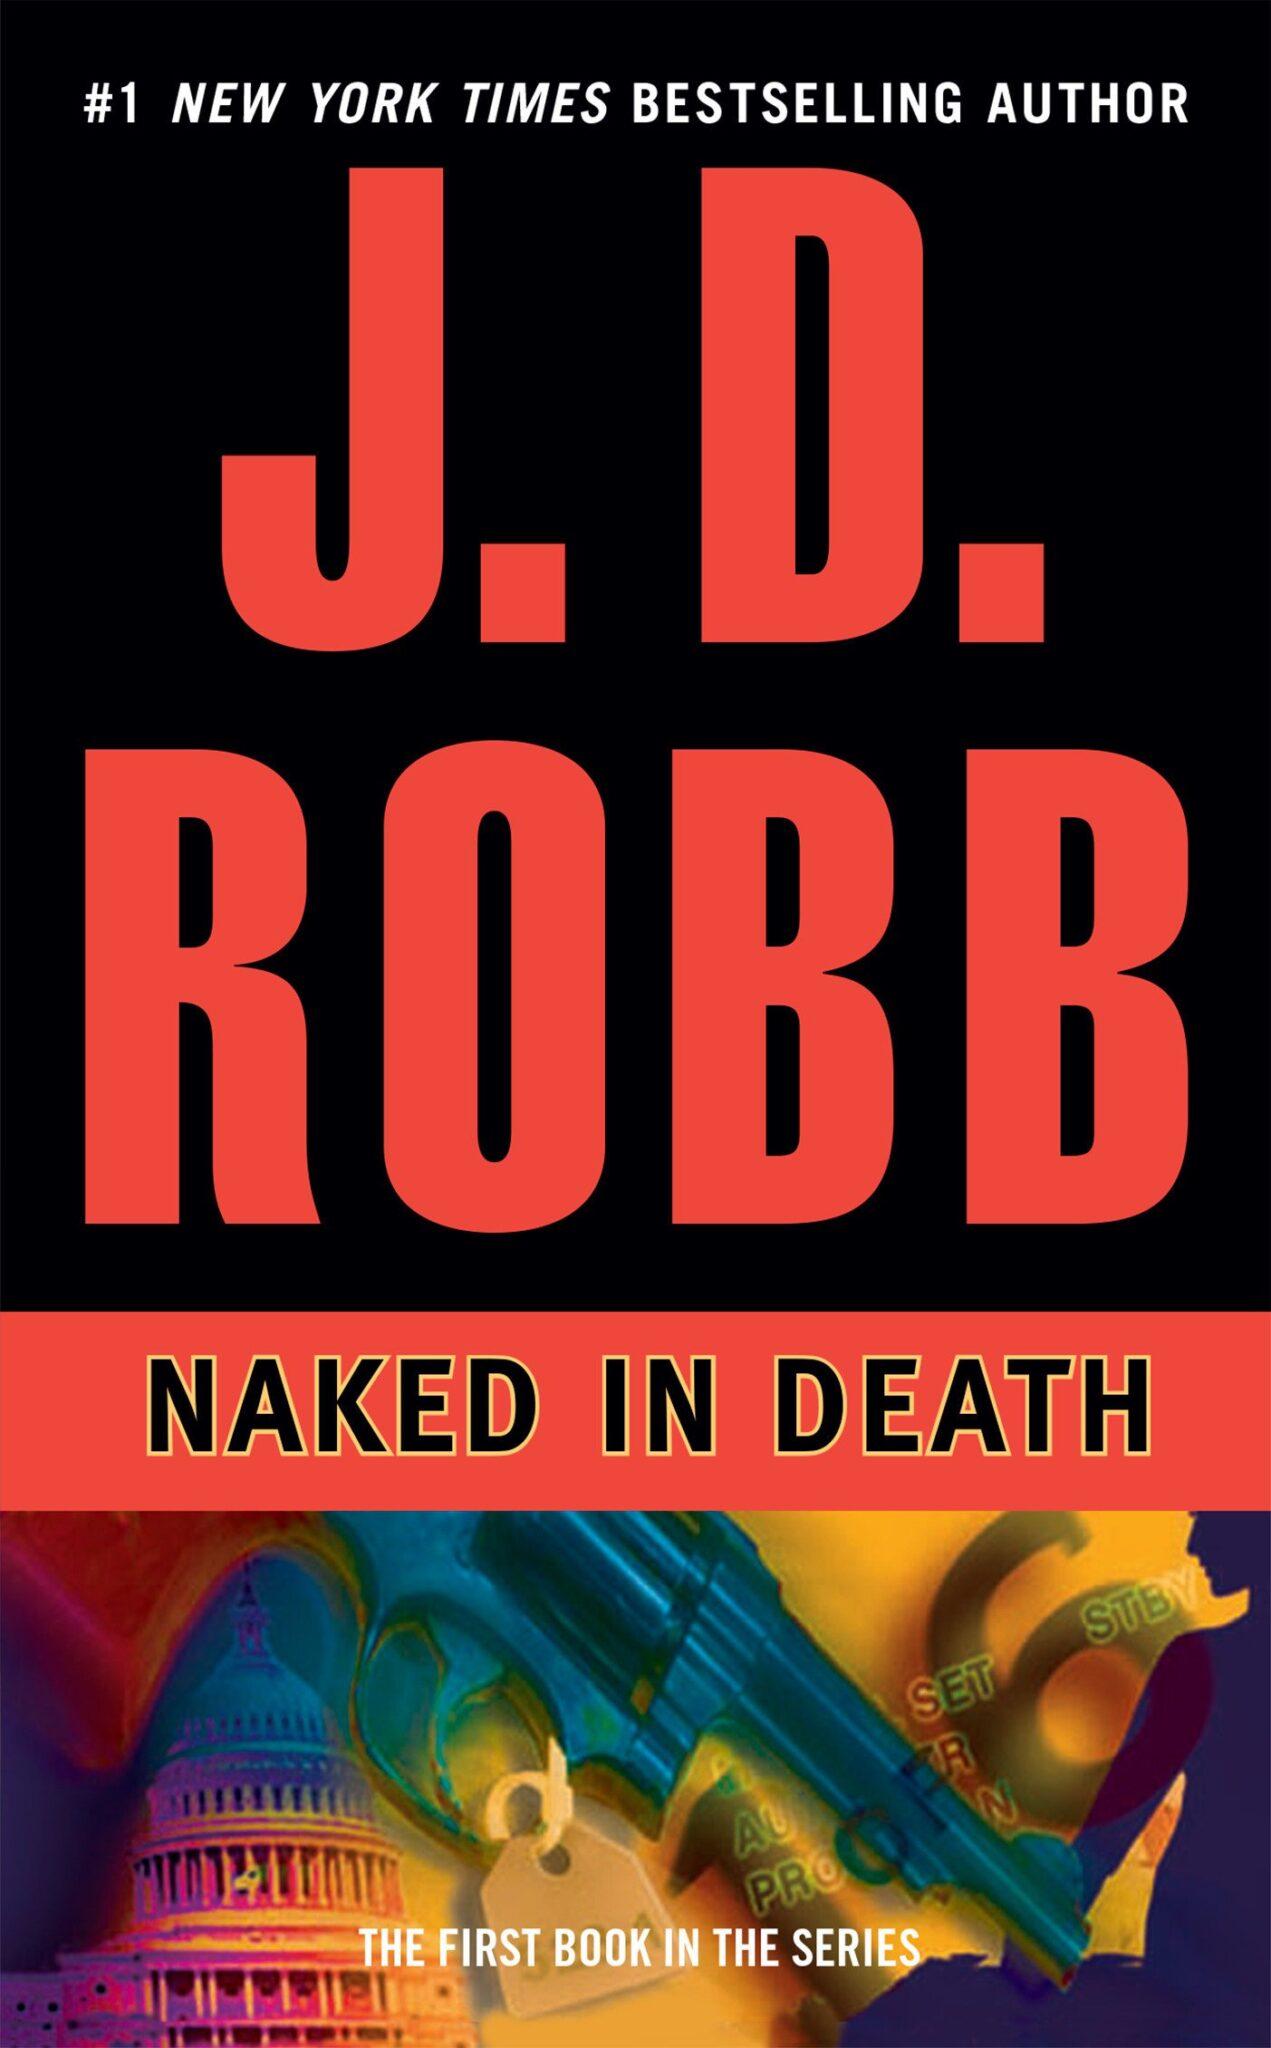 Nora Roberts books 42